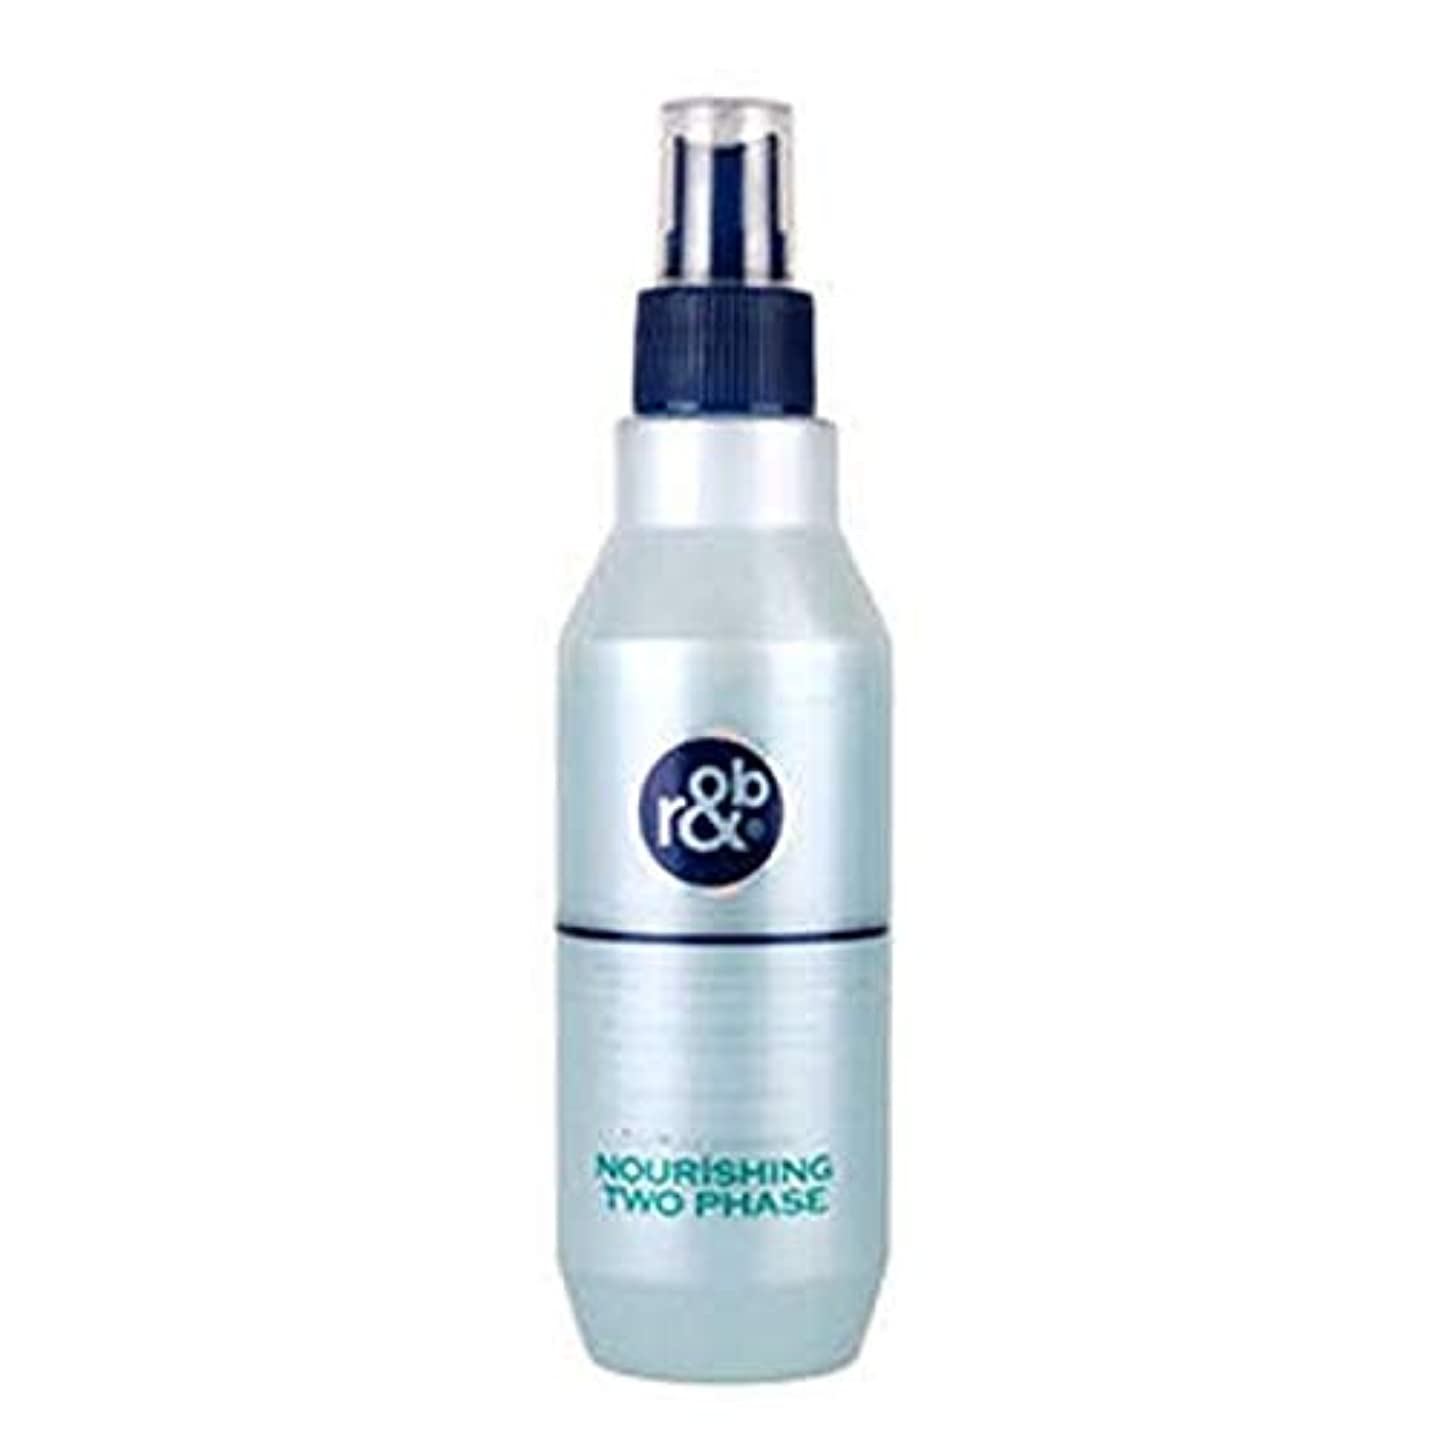 毎年高める教育するフィトン セラピー ナリッシング 2 段階 250ml - アウトバス ヘア コンディショナー ( Phyton Therapy Nourishing Two Phase 250ml - leave in Hair Conditioner...